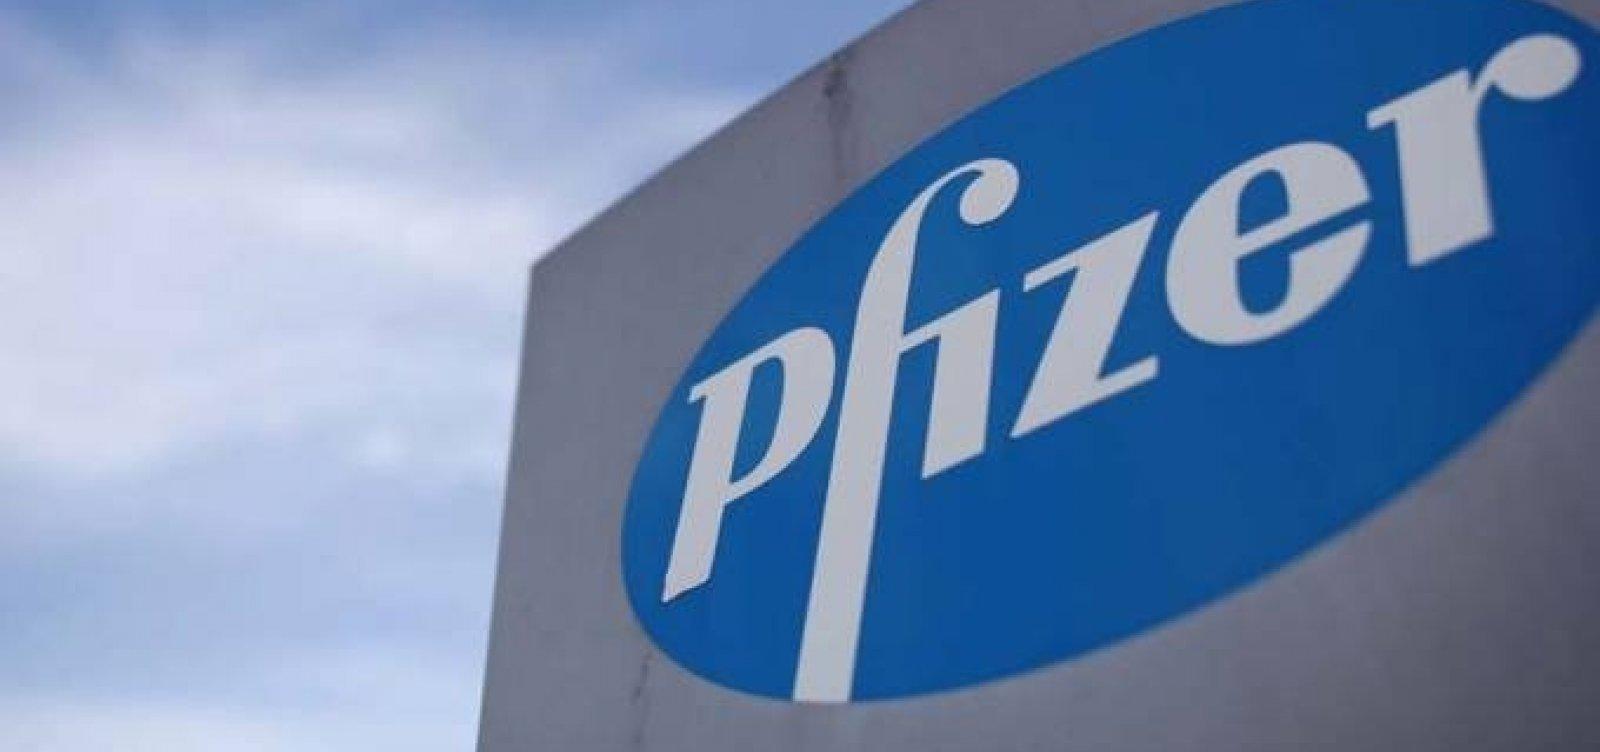 [Vacina da Pfizer conseguiu neutralizar três variantes do coronavírus, diz estudo]